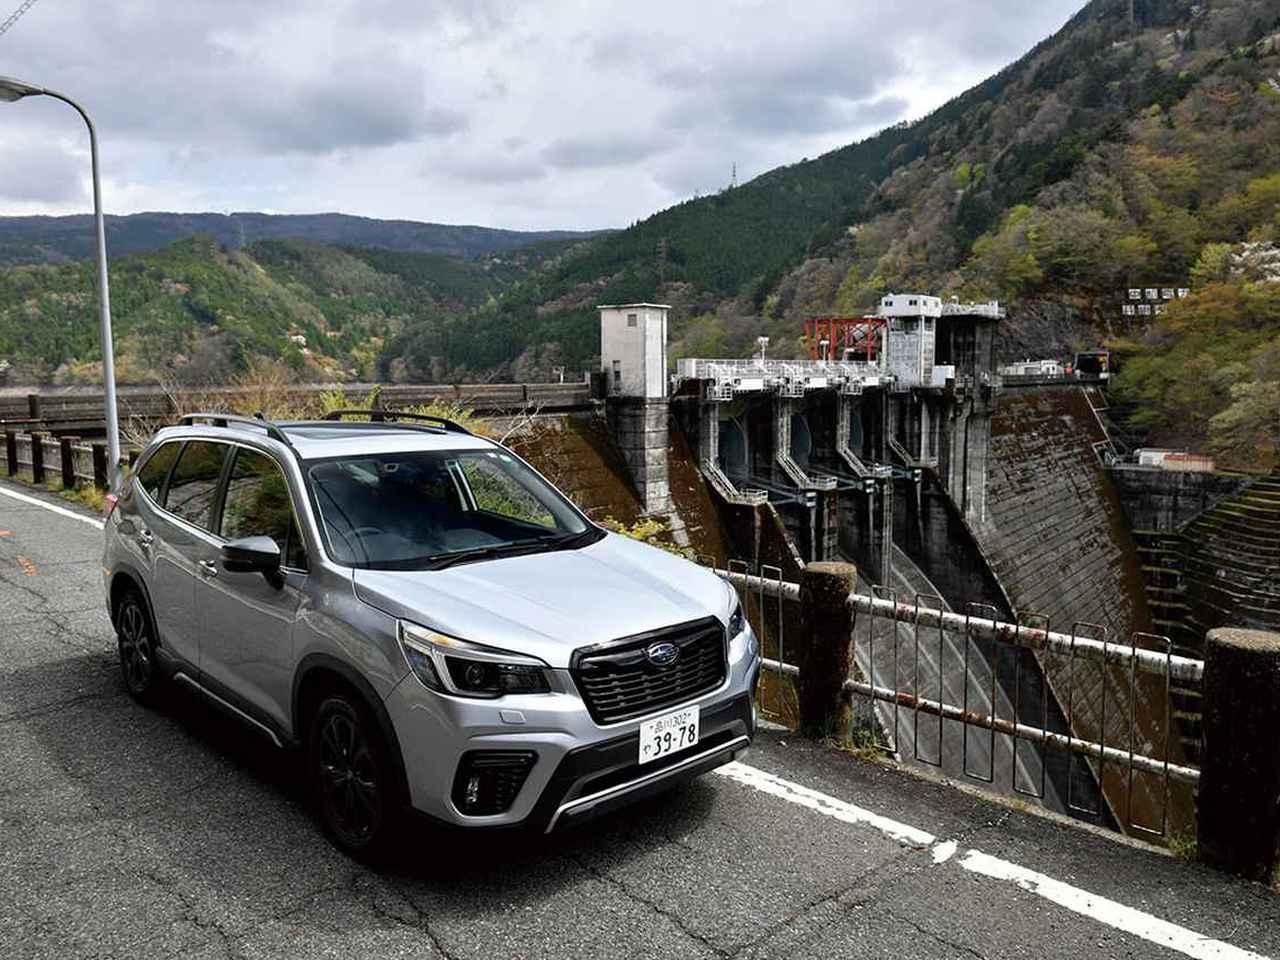 スバル フォレスターでゆく大井川水系のダム巡り。アップダウンや吊り橋ありのロングツーリング